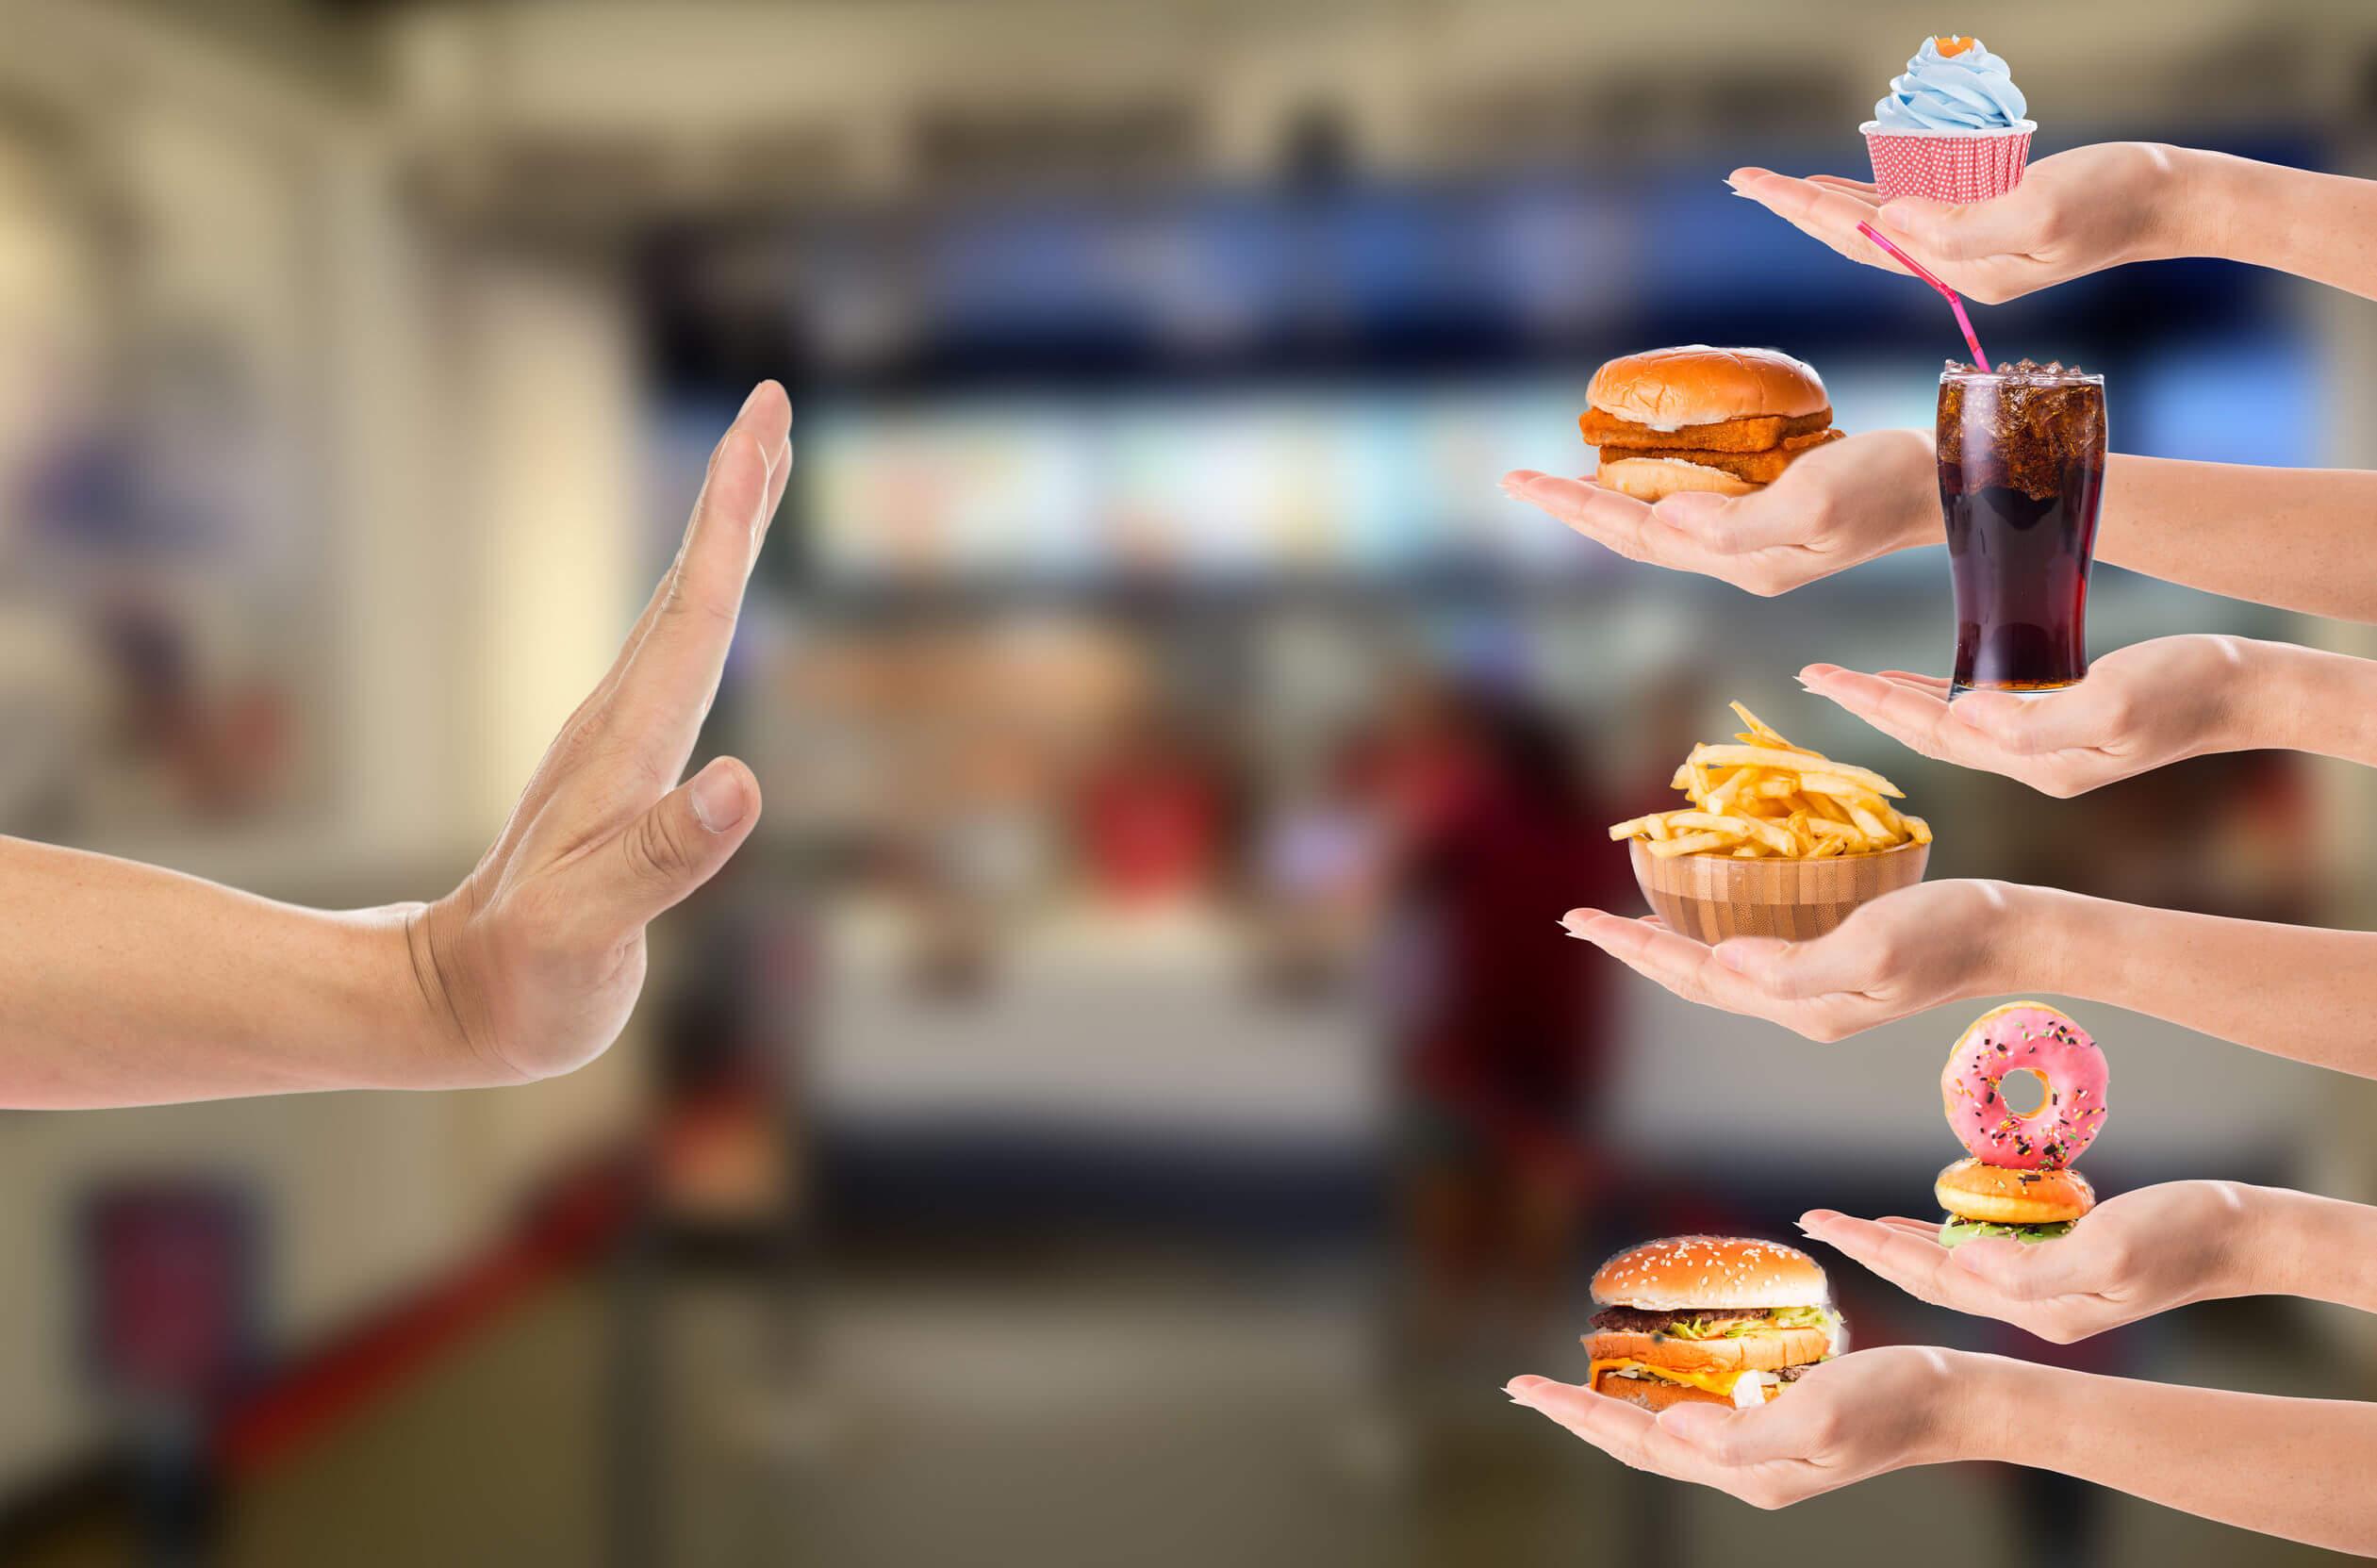 Es importante saber rechazar la comida chatarra para mejorar el estado nutricional.